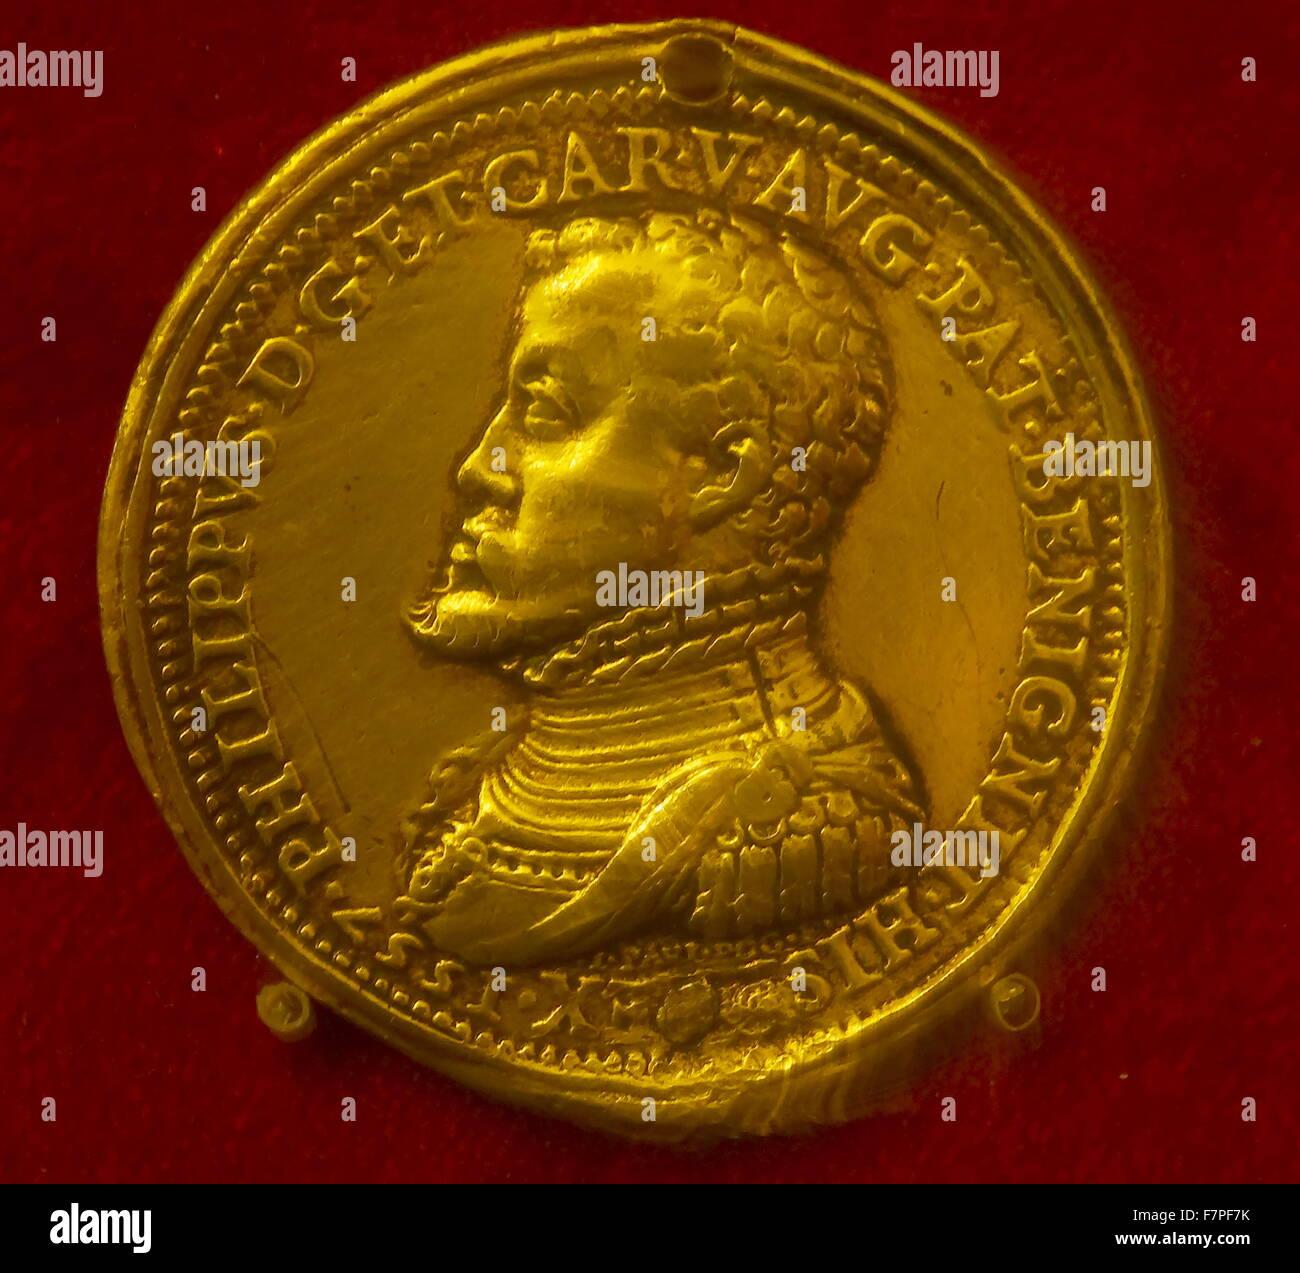 Münze Mit Phillip Ii Von Spanien 1527 1598 König Von Spanien